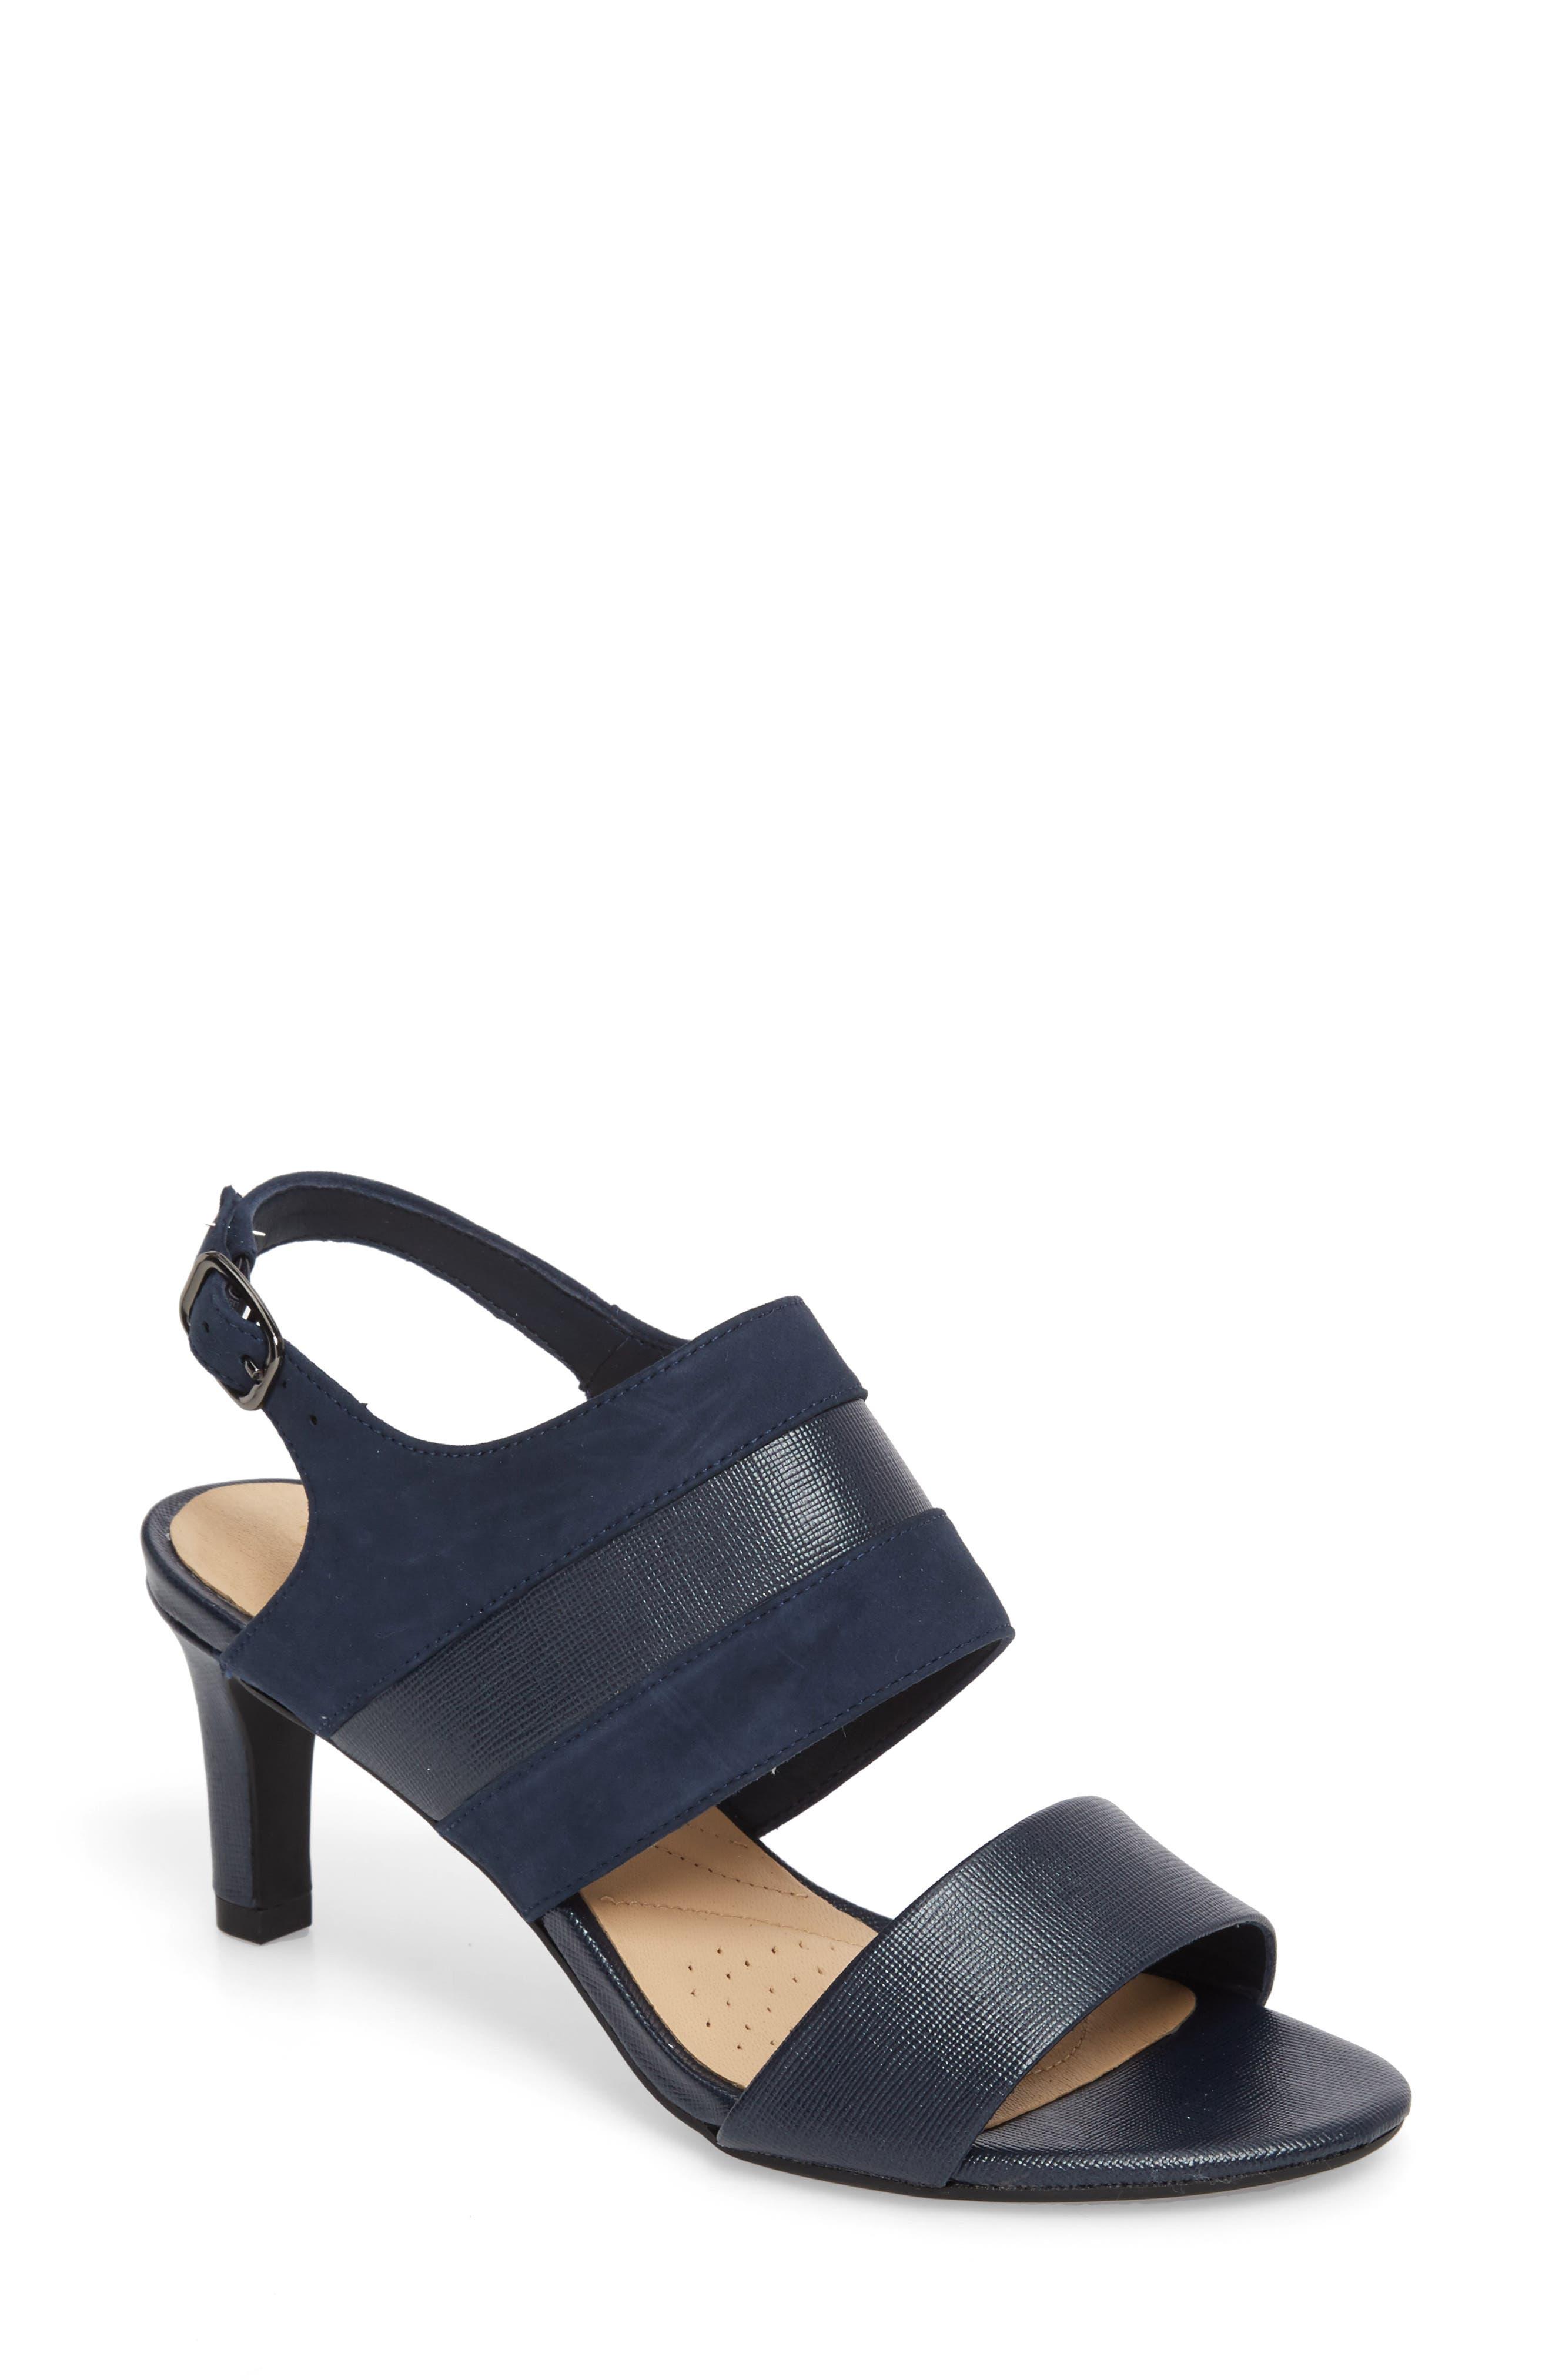 Laureti Joy Slingback Sandal,                         Main,                         color, Navy Combi Suede